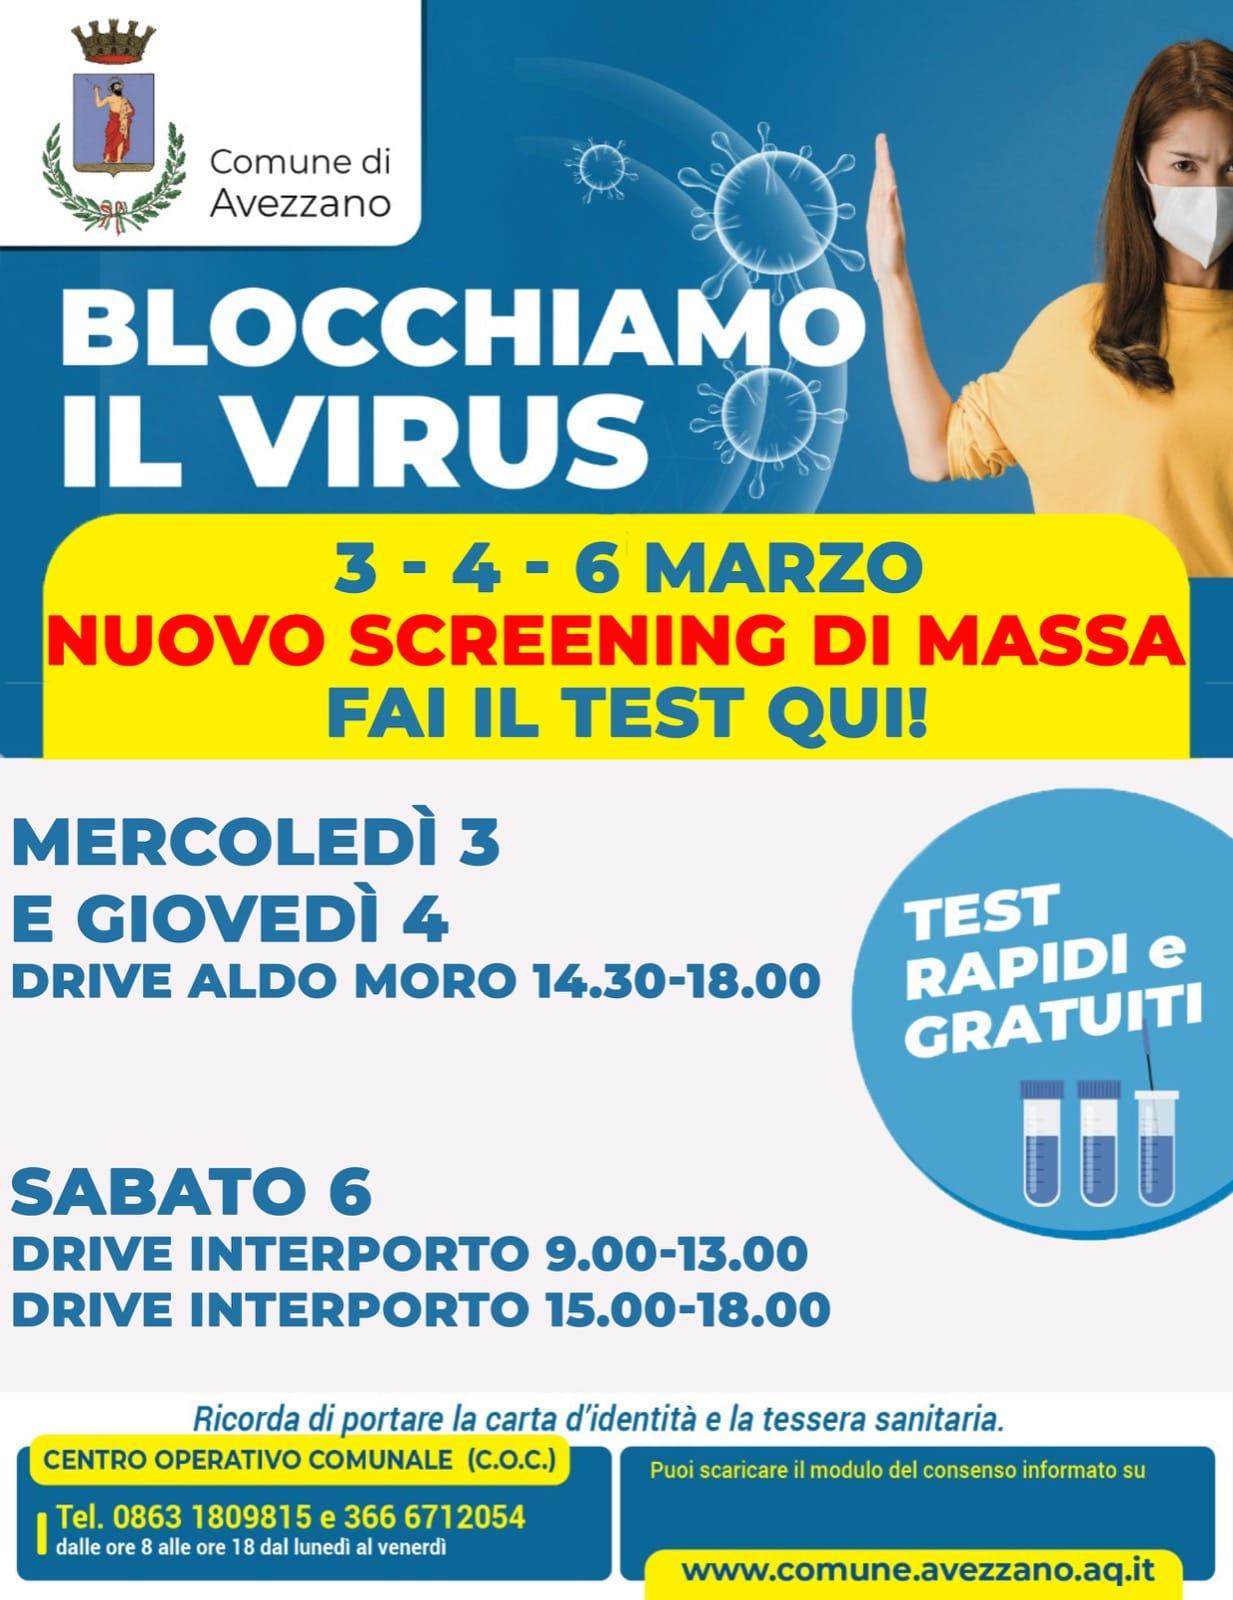 """Nuovo screening gratuito ad Avezzano: """"Blocchiamo il virus"""""""